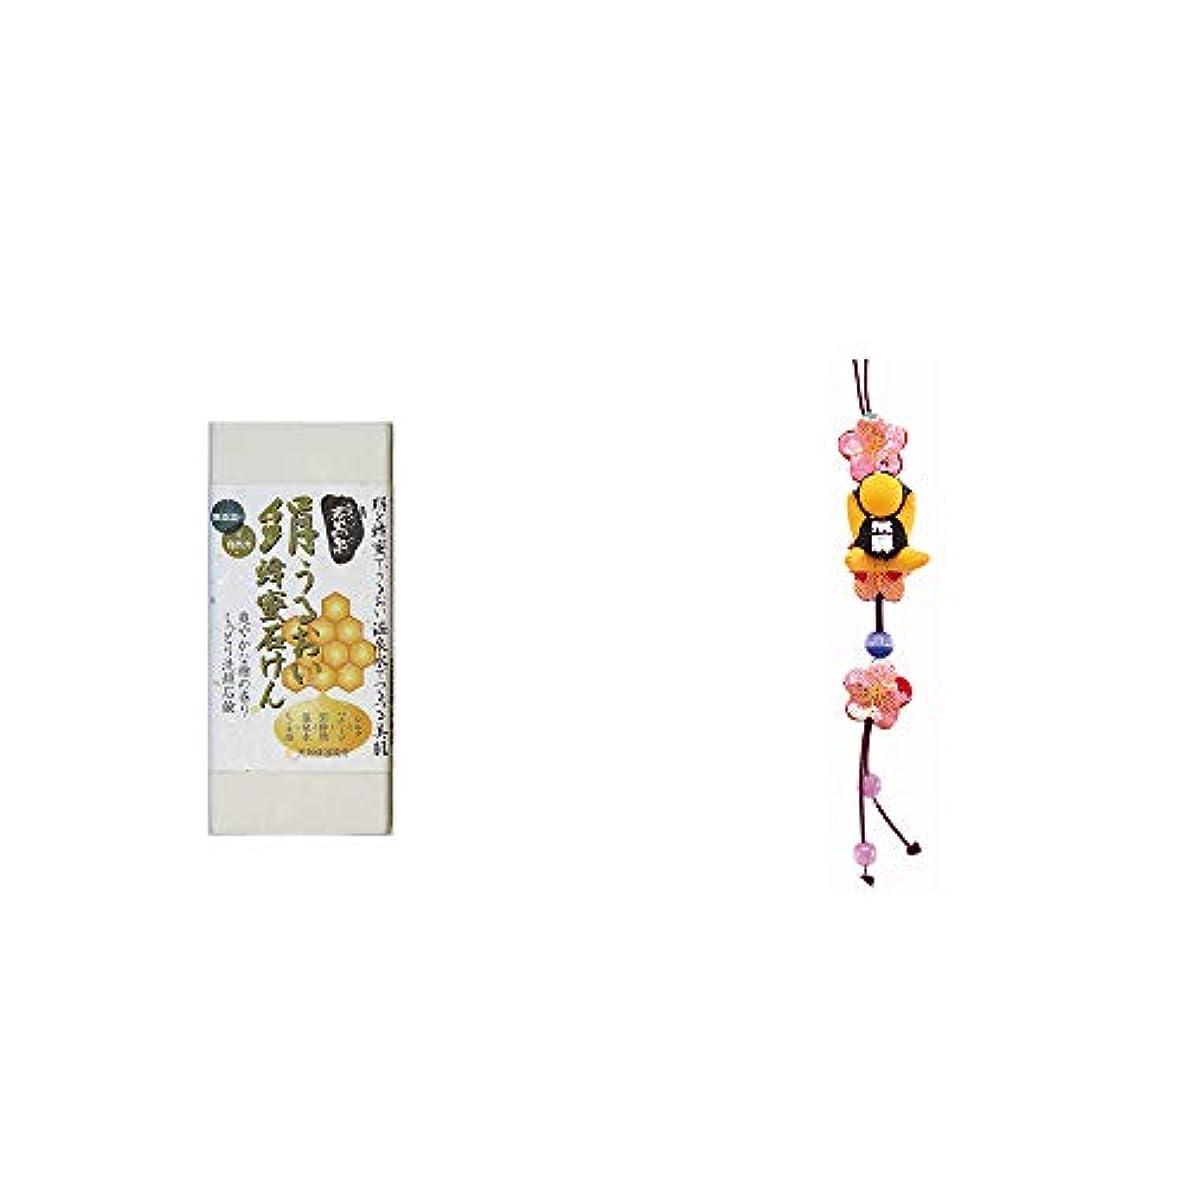 後ろに魅力的であることへのアピール良さ[2点セット] ひのき炭黒泉 絹うるおい蜂蜜石けん(75g×2)?豆さるぼぼ 和風ストラップ【黄】/ 縁結び?魔除け //